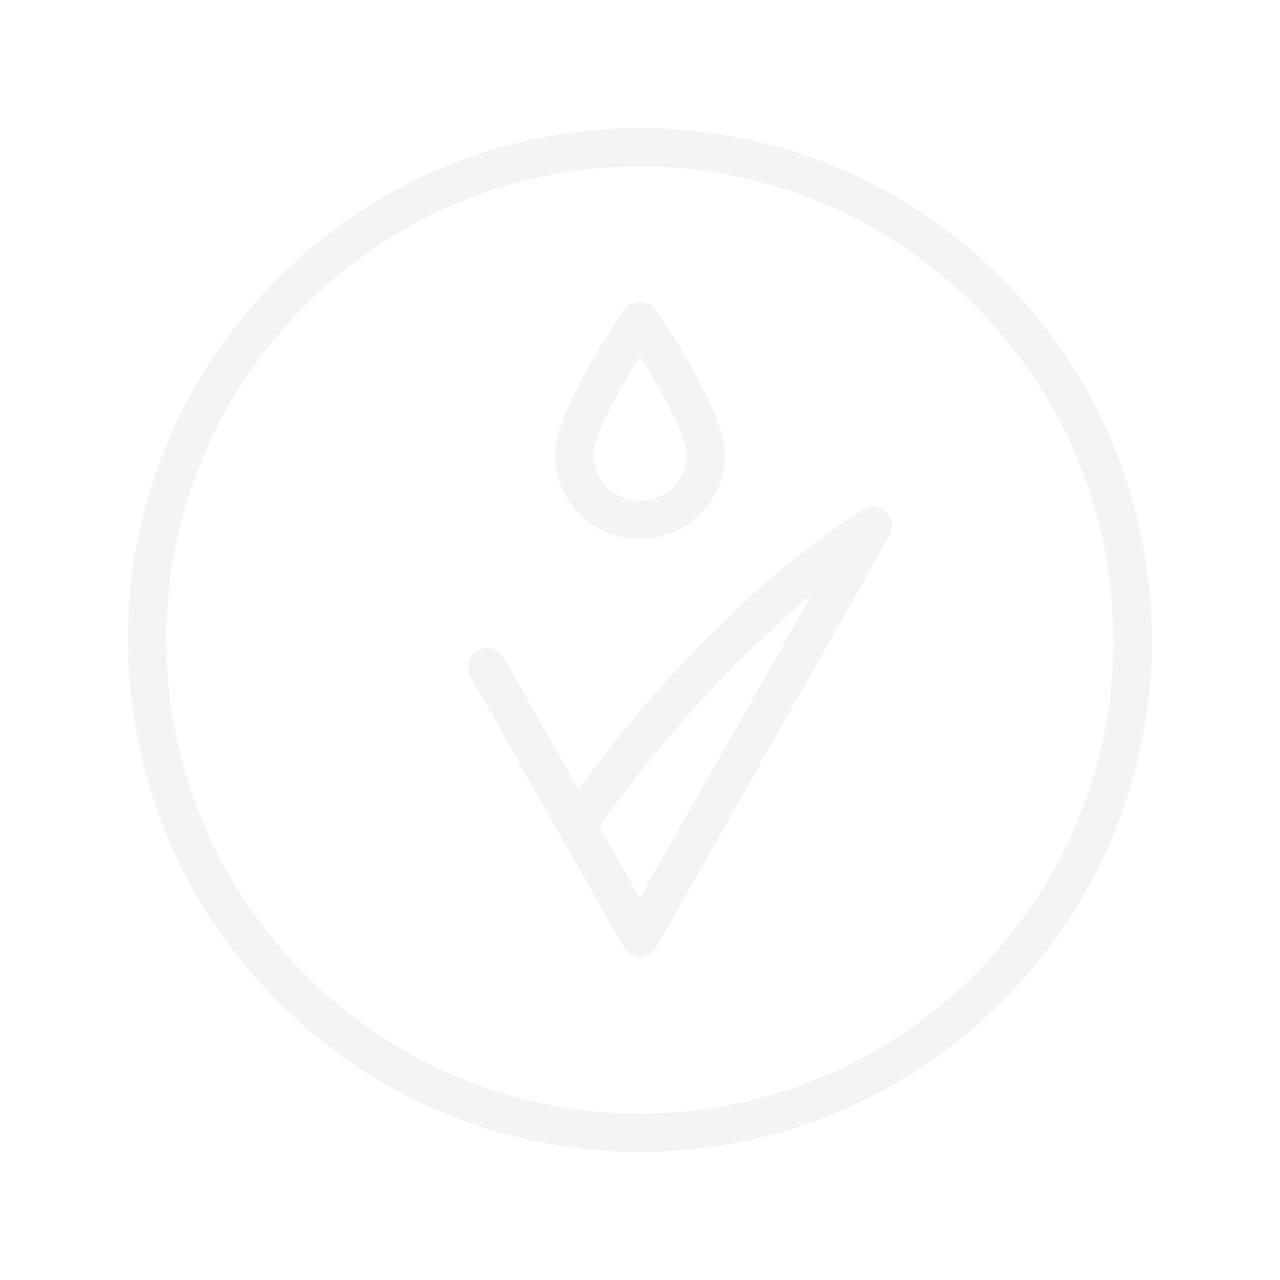 Yves Saint Laurent YSL La Nuit de L'Homme EDP 60ml